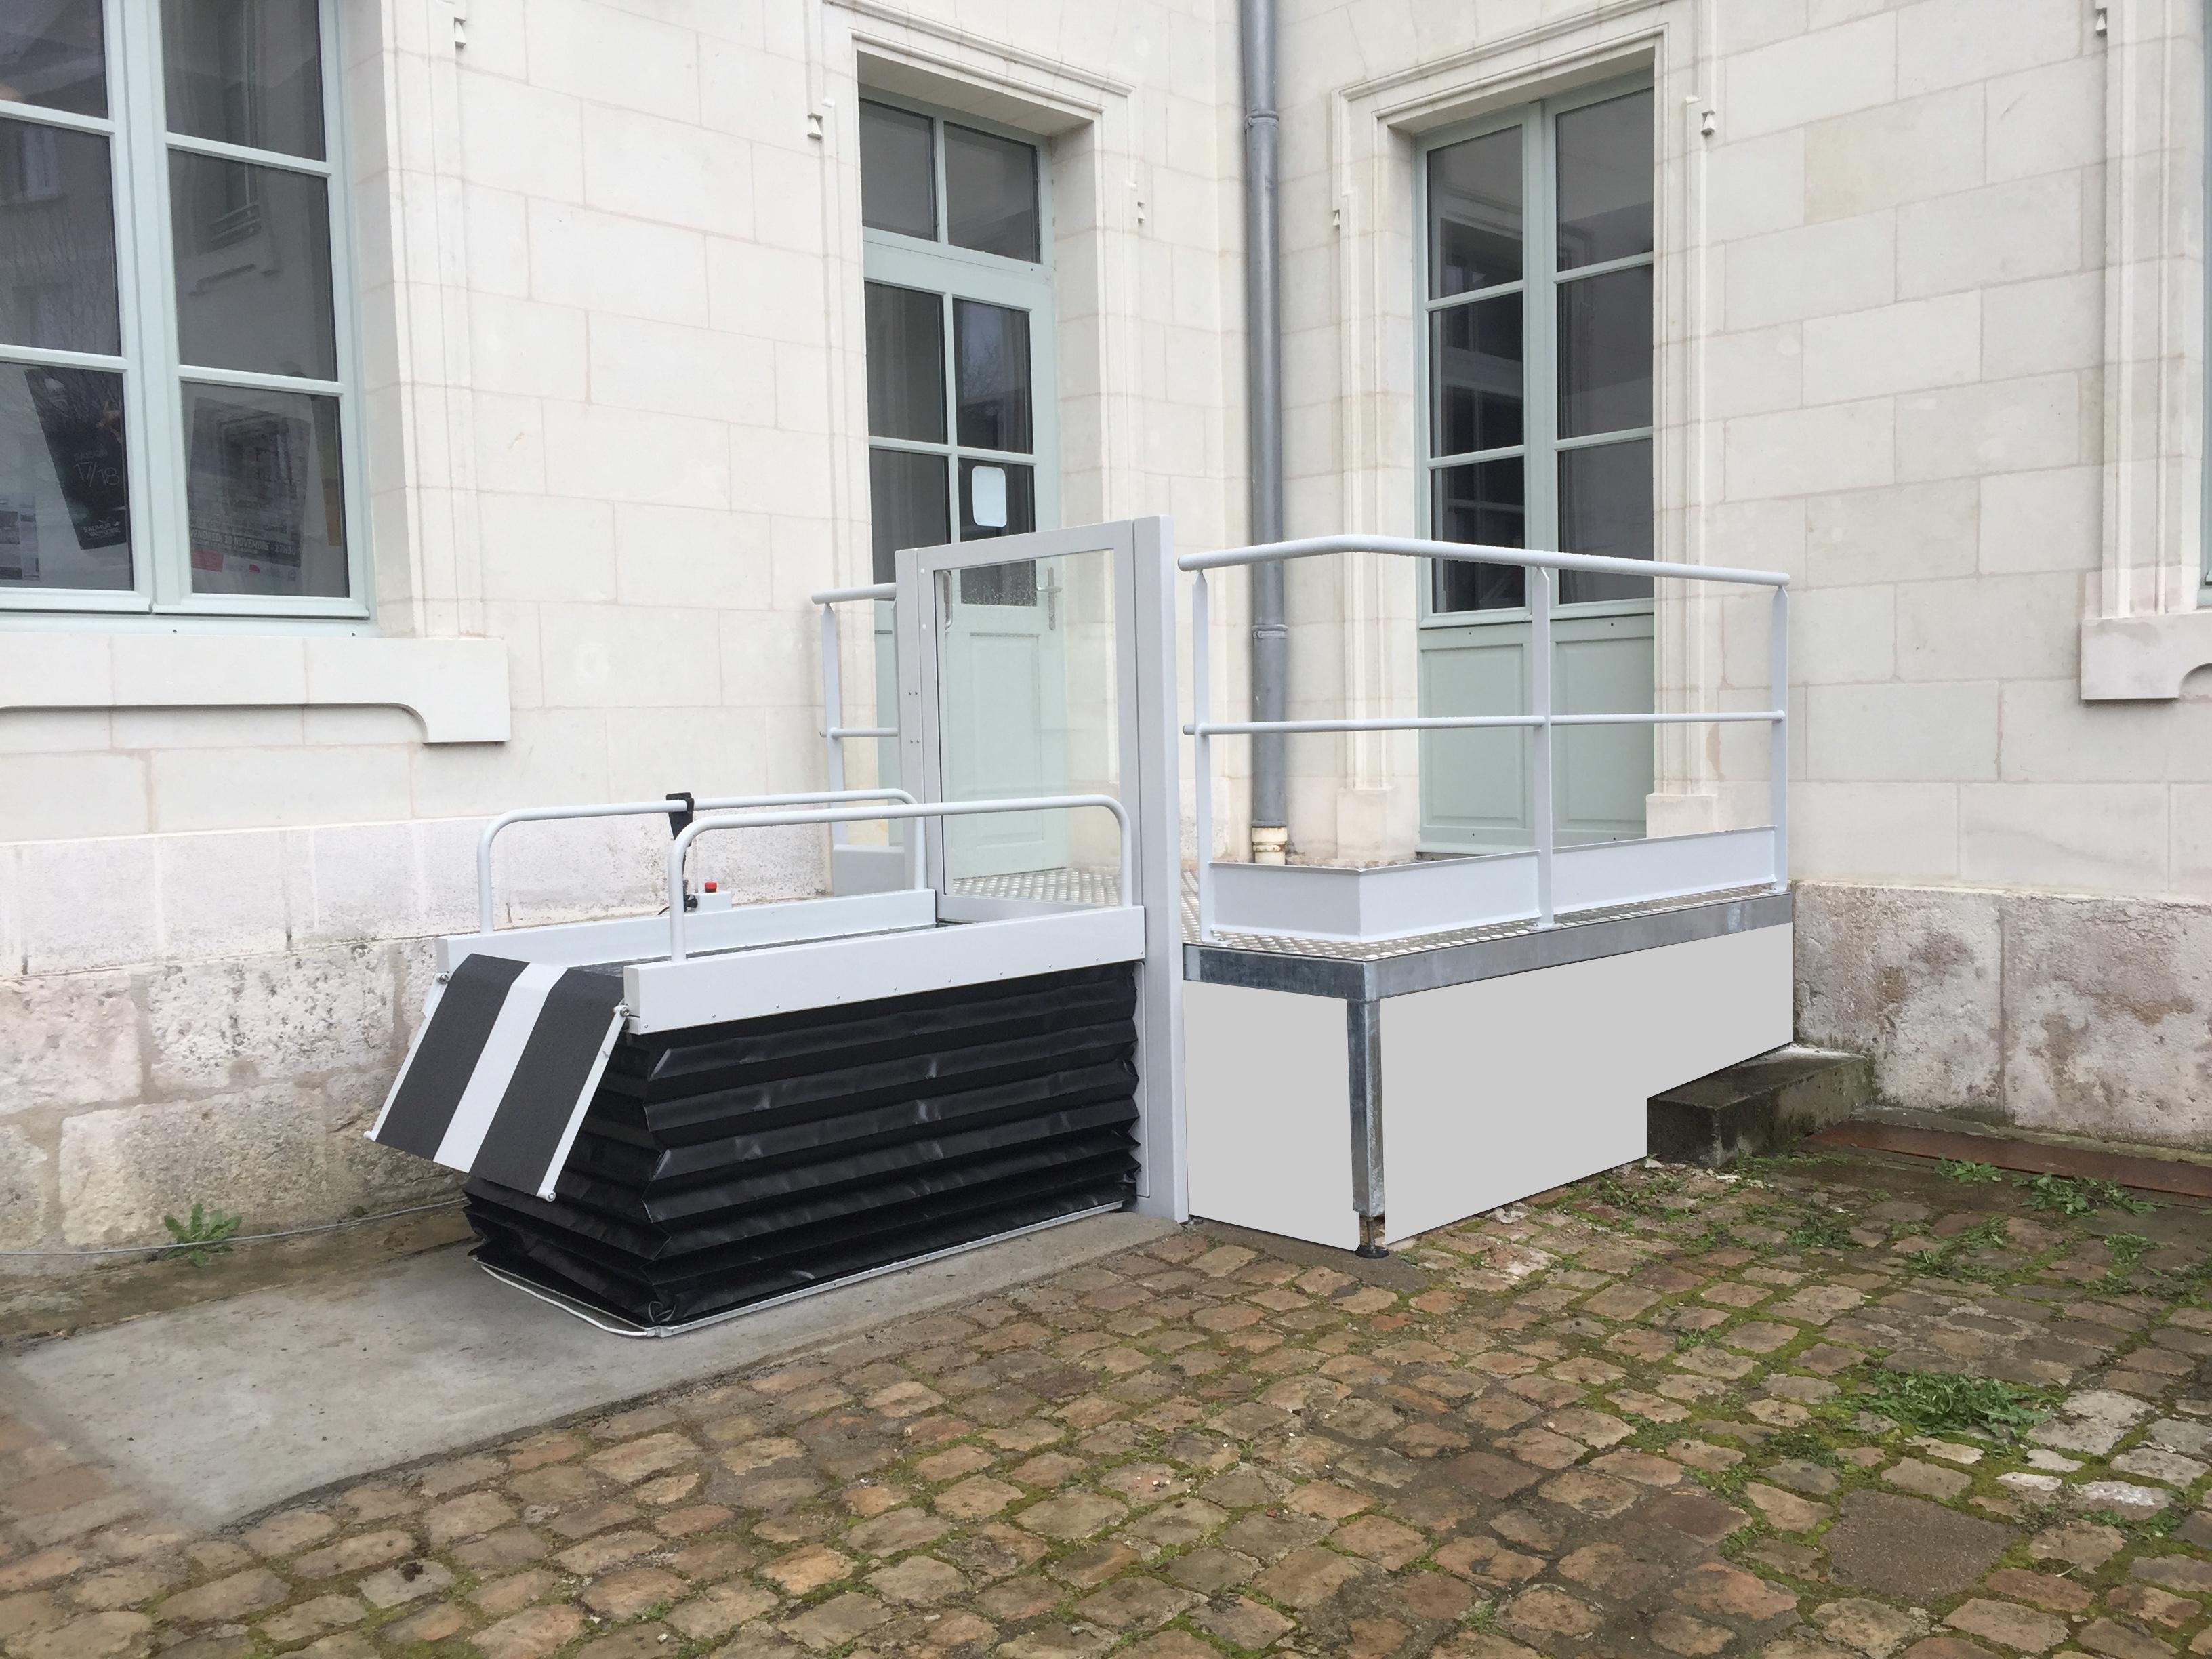 rampe d 39 acc s pour handicap s passerelle pmr. Black Bedroom Furniture Sets. Home Design Ideas